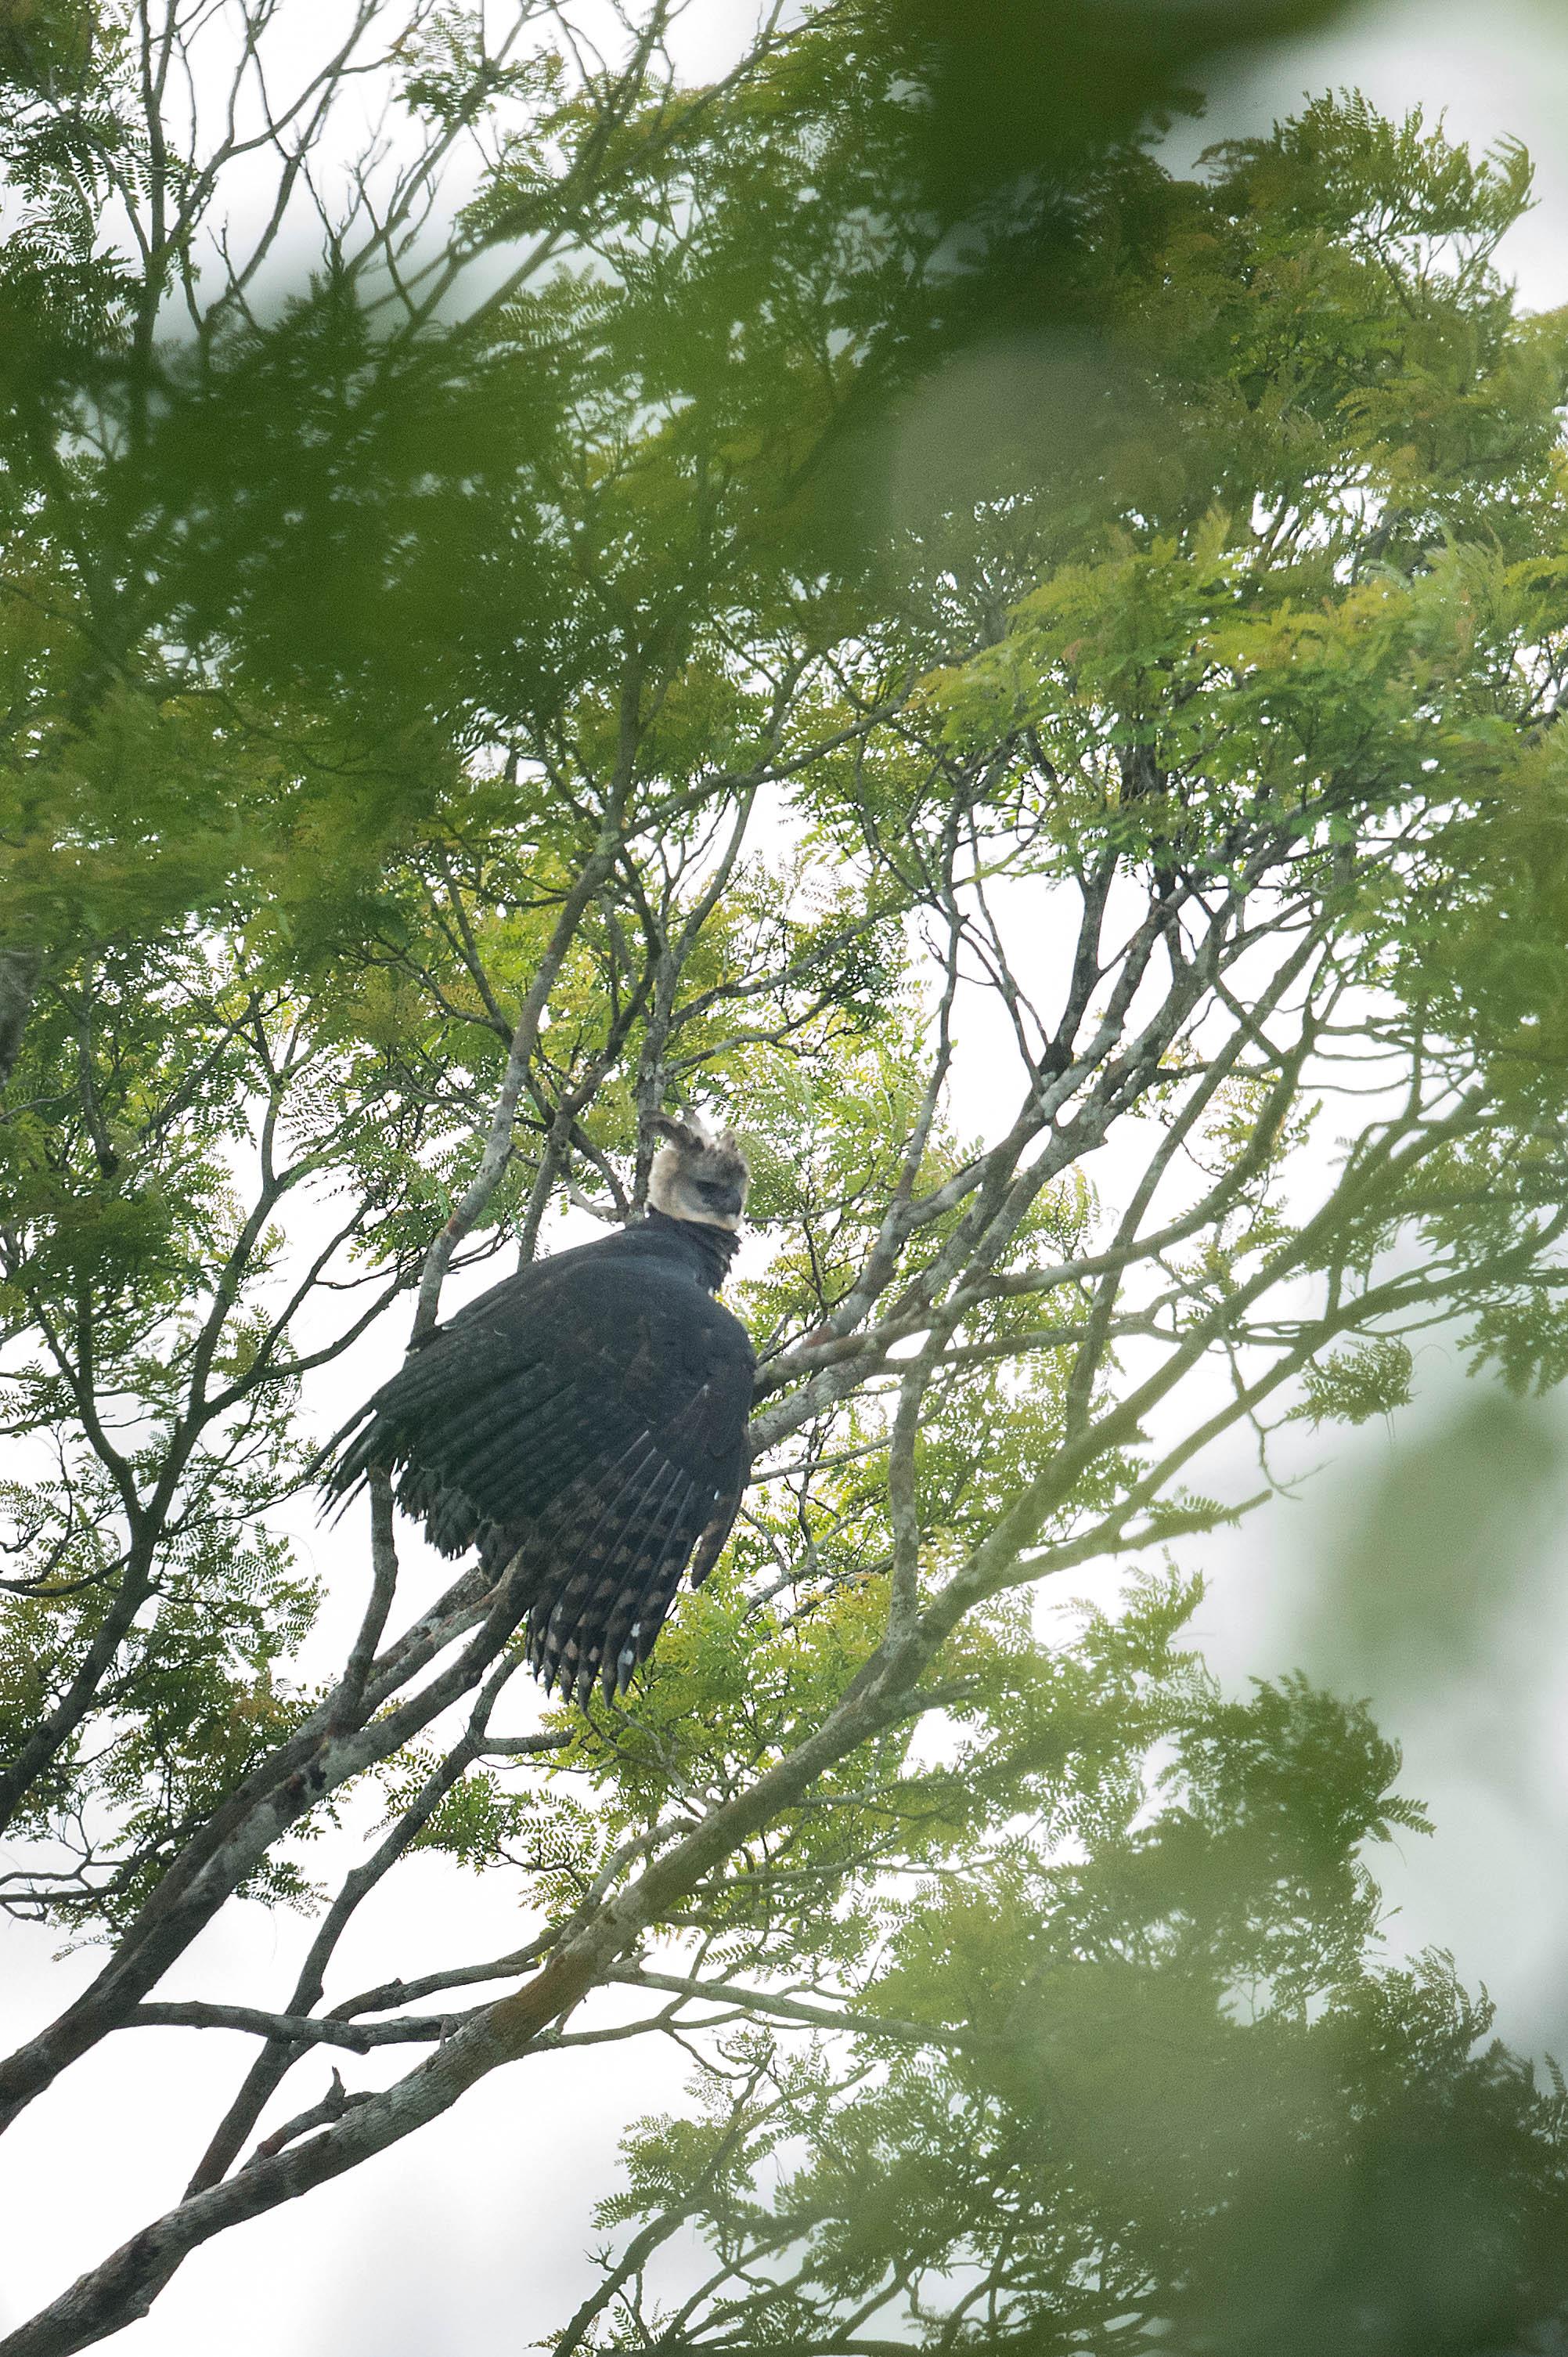 Harpy Eagle 3.jpg